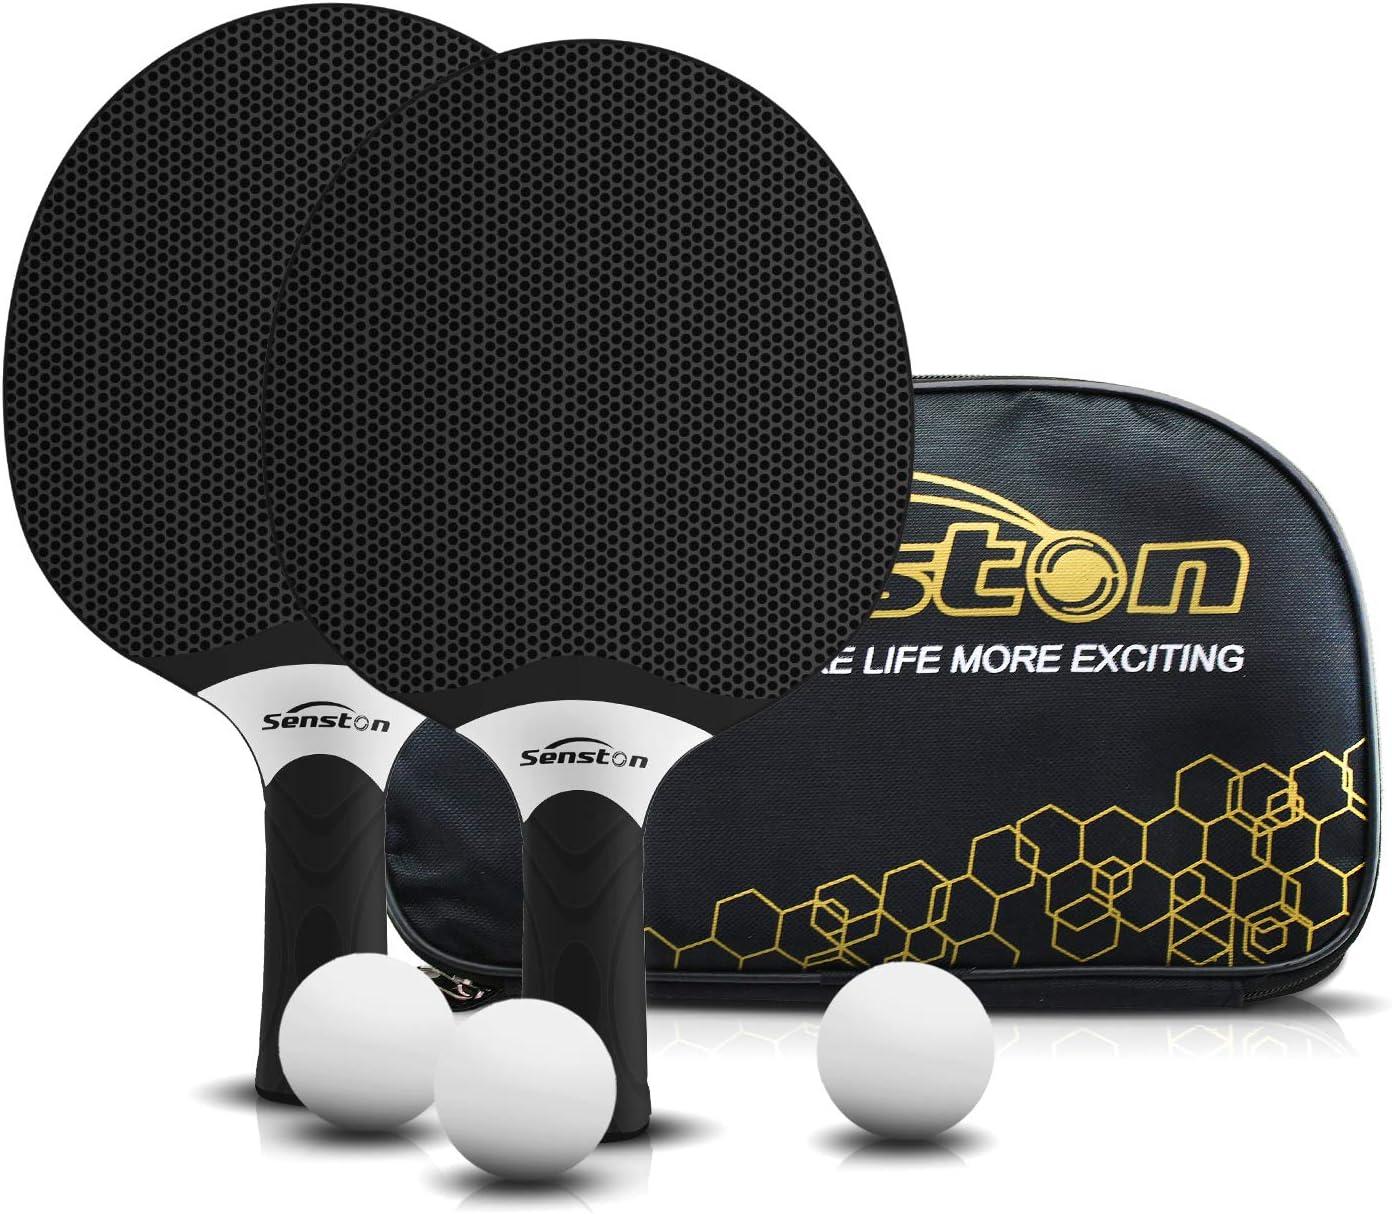 Senston Juego de Raquetas de Tenis de Mesa, Bates de Tenis de Mesa Profesionales con 3 Pelotas, Juego de Palas de Ping Pong de Goma compuesta